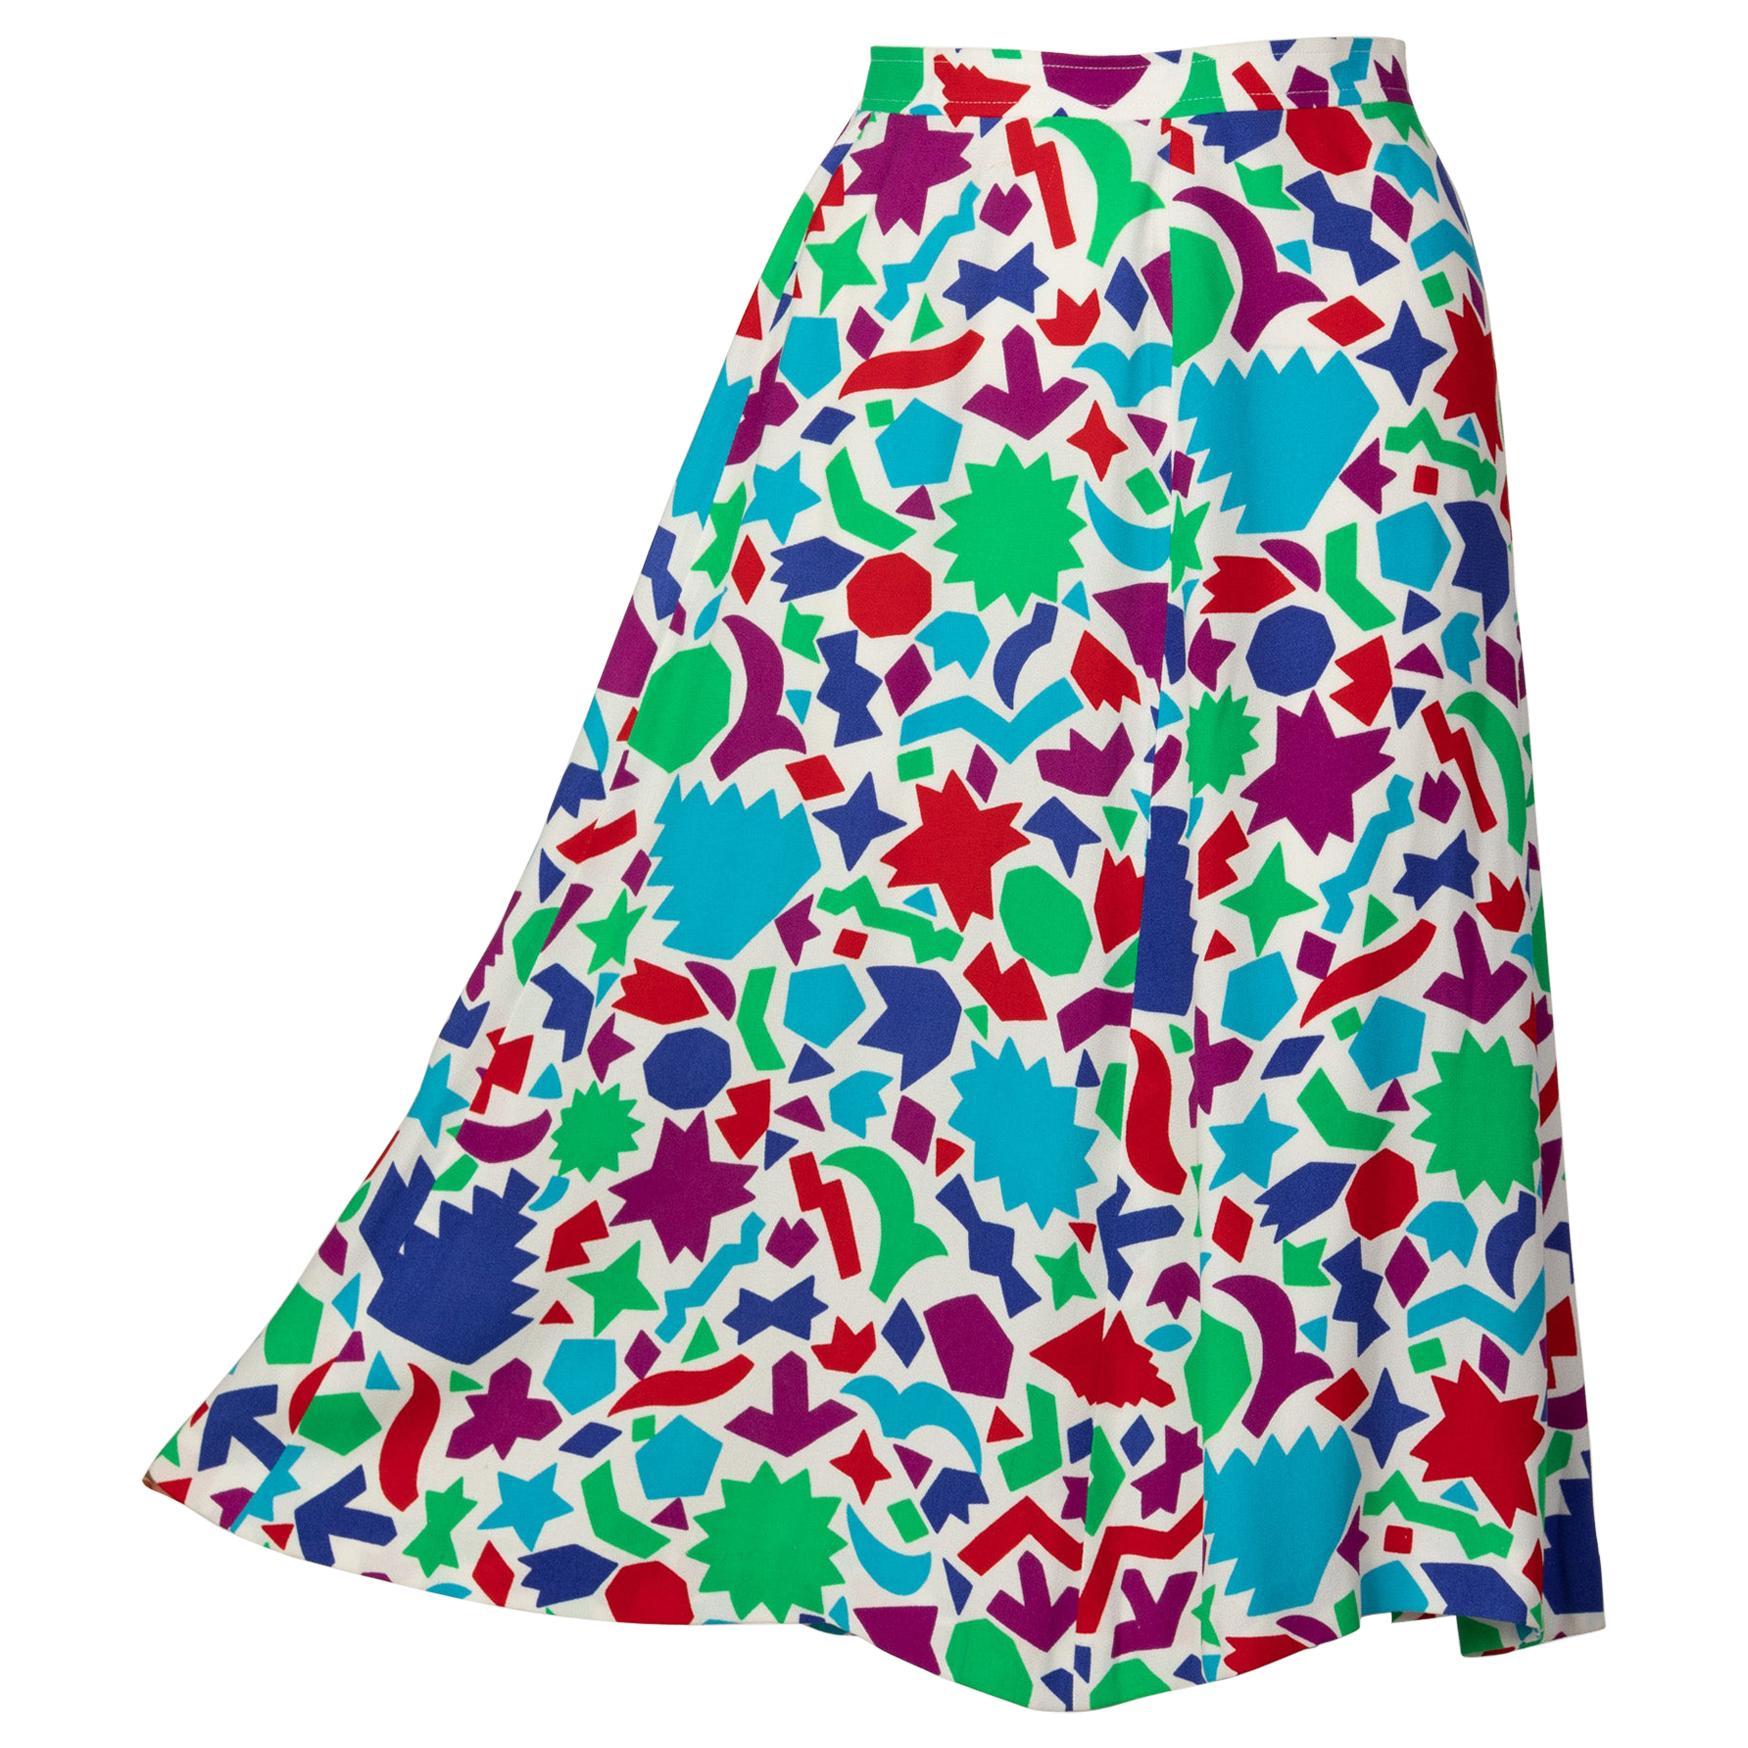 Yves Saint Laurent Matisse Inspired Skirt